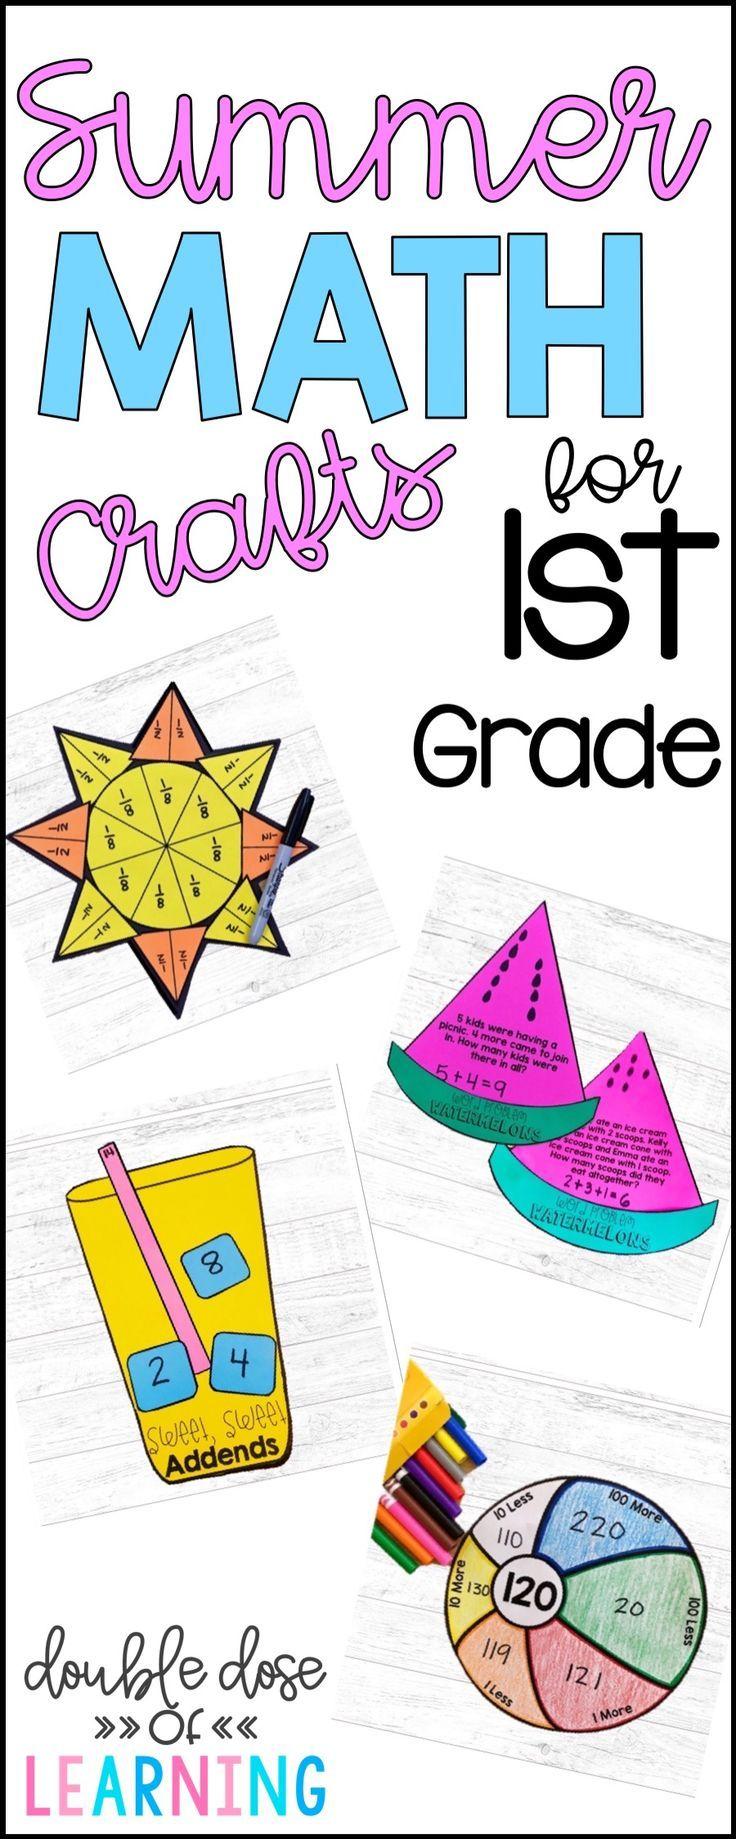 Summer Math Craftivities For First Grade Equations Fractions Base Ten Summer Math Math Craftivity Math Crafts [ 1839 x 736 Pixel ]